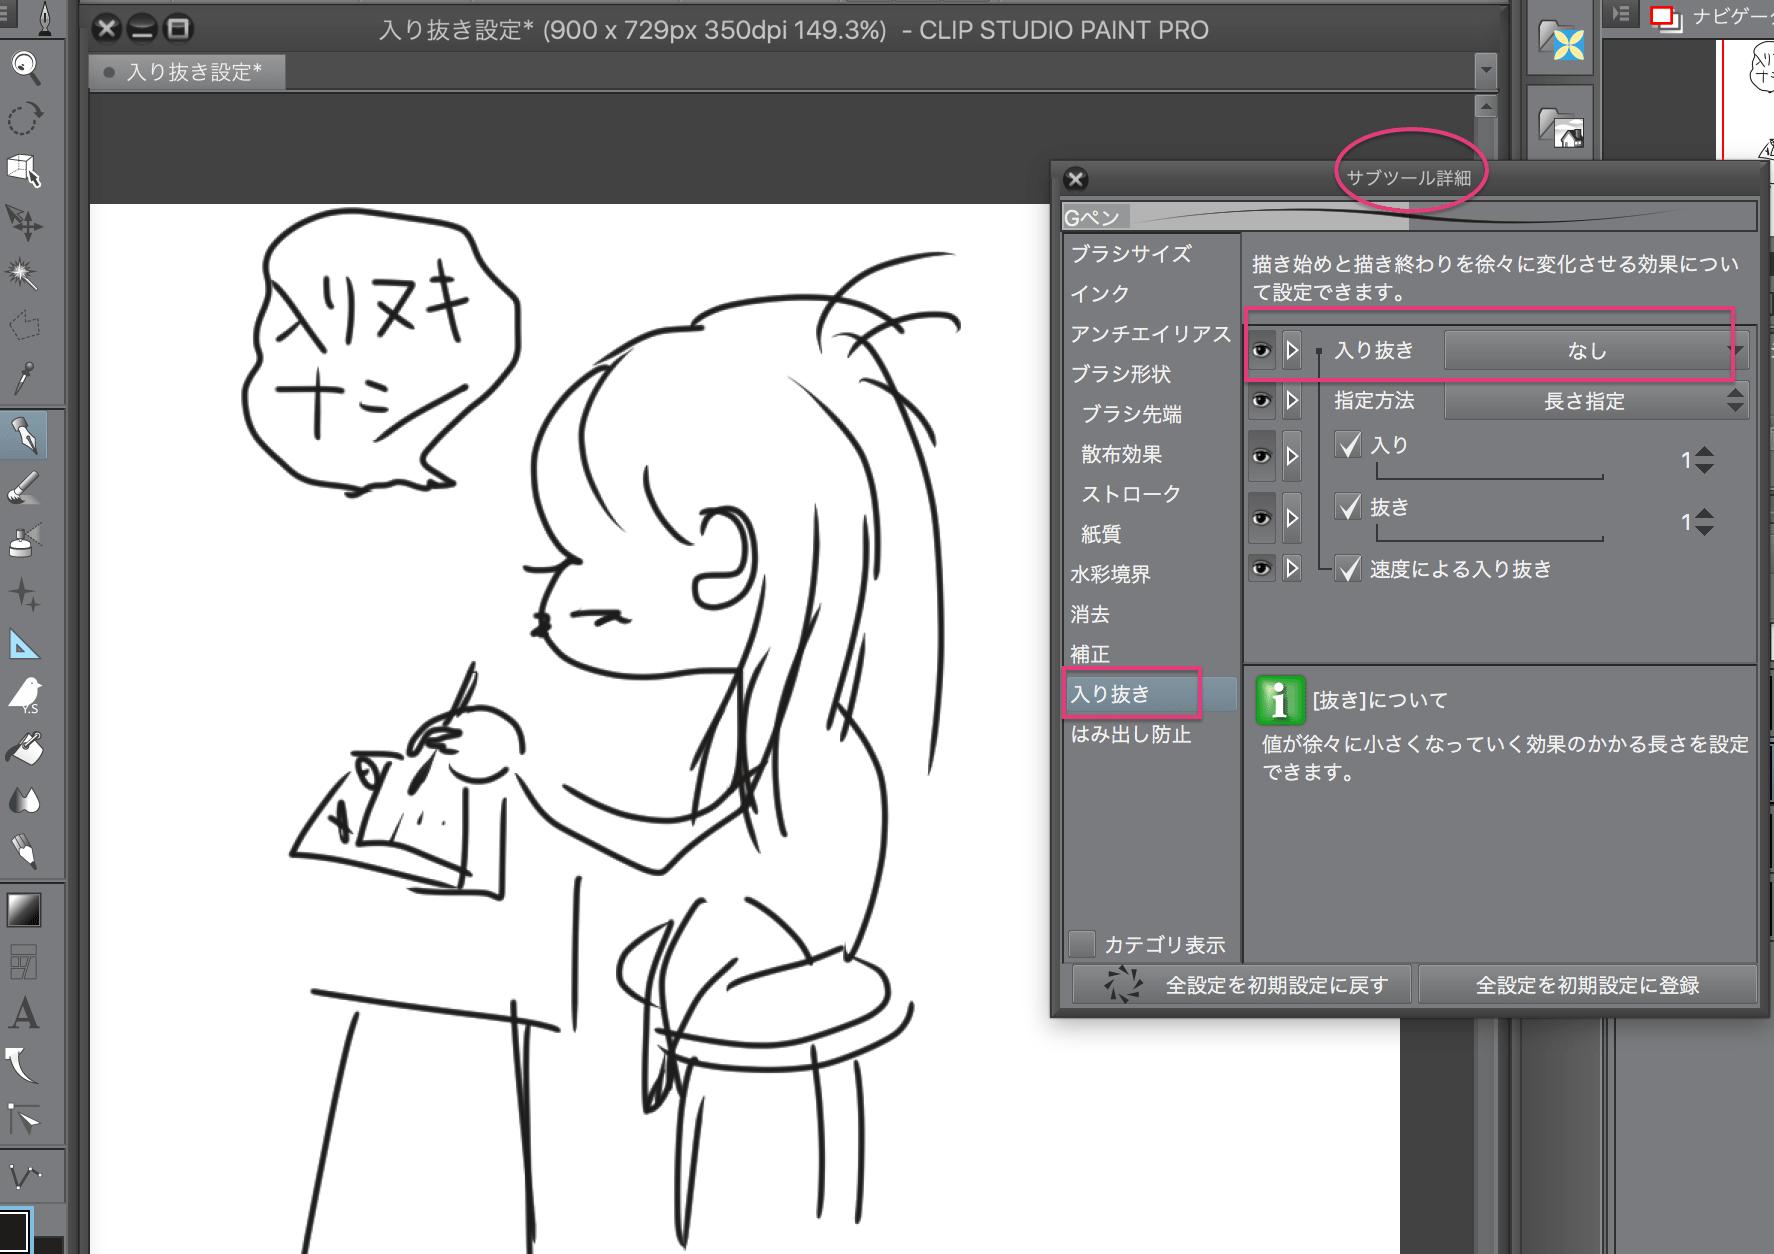 04_入り抜きナシ